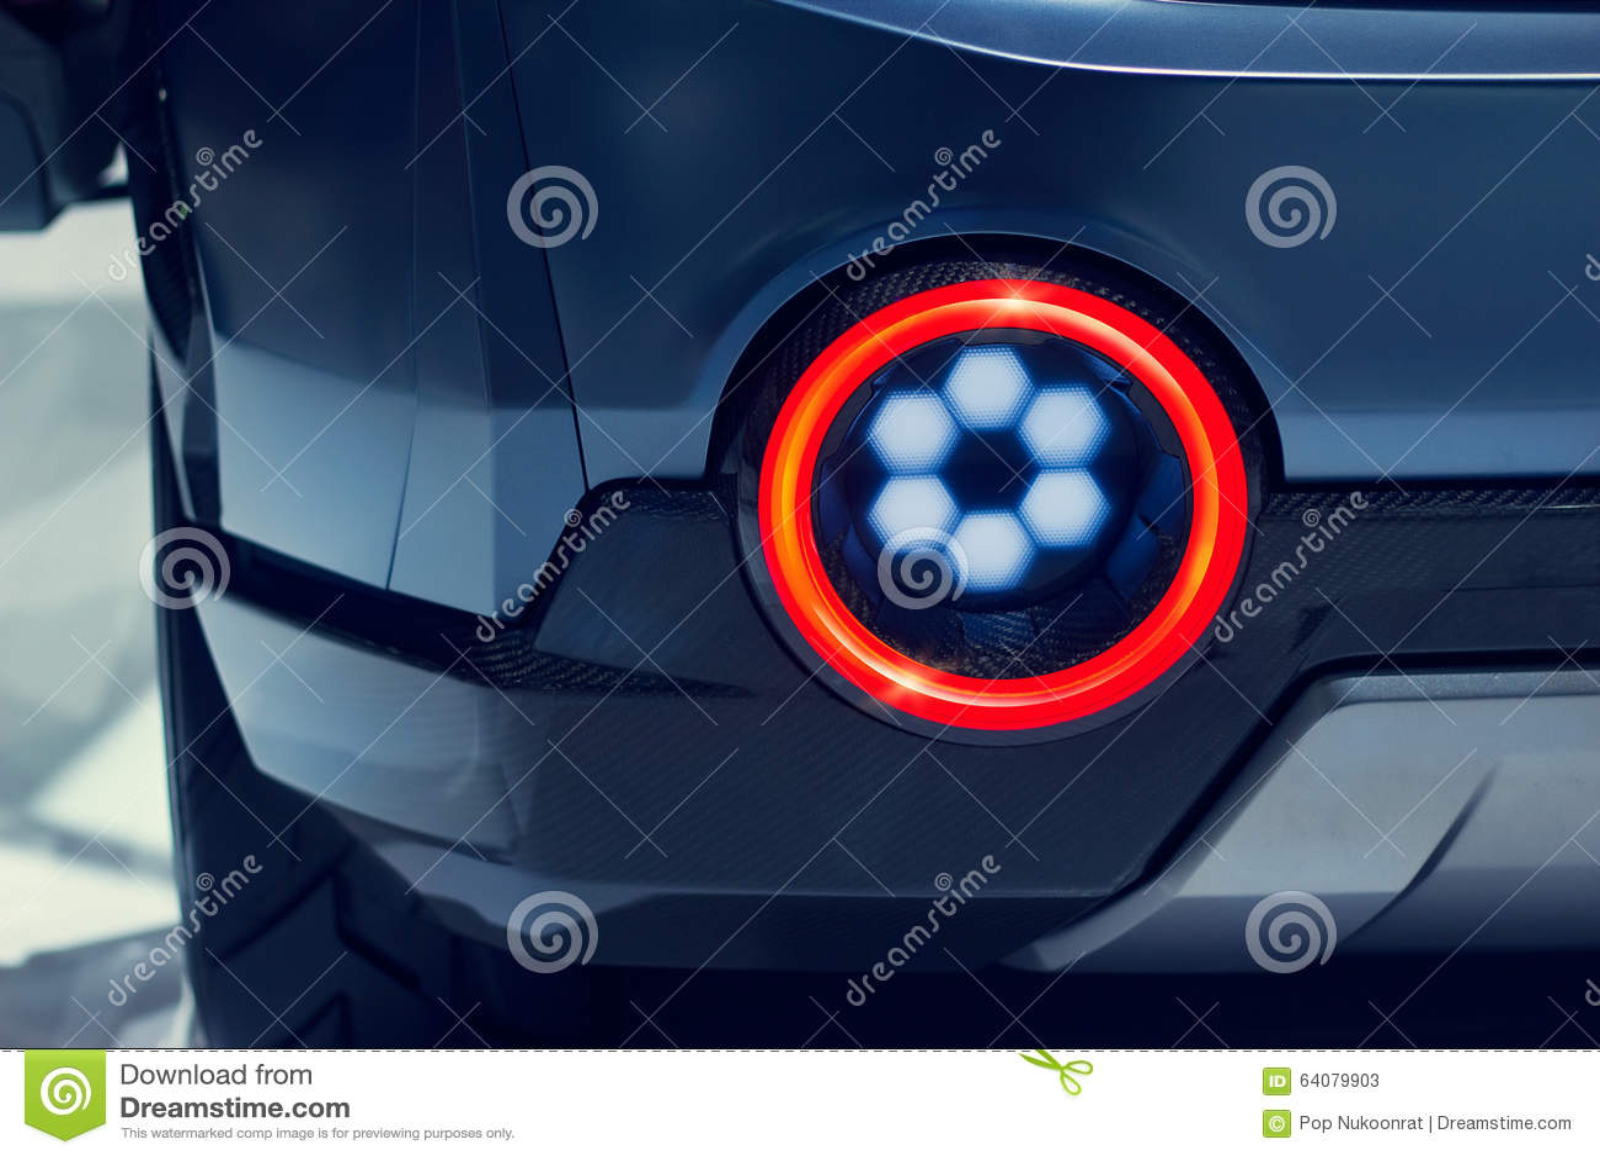 sports car design stock image 38182279. Black Bedroom Furniture Sets. Home Design Ideas